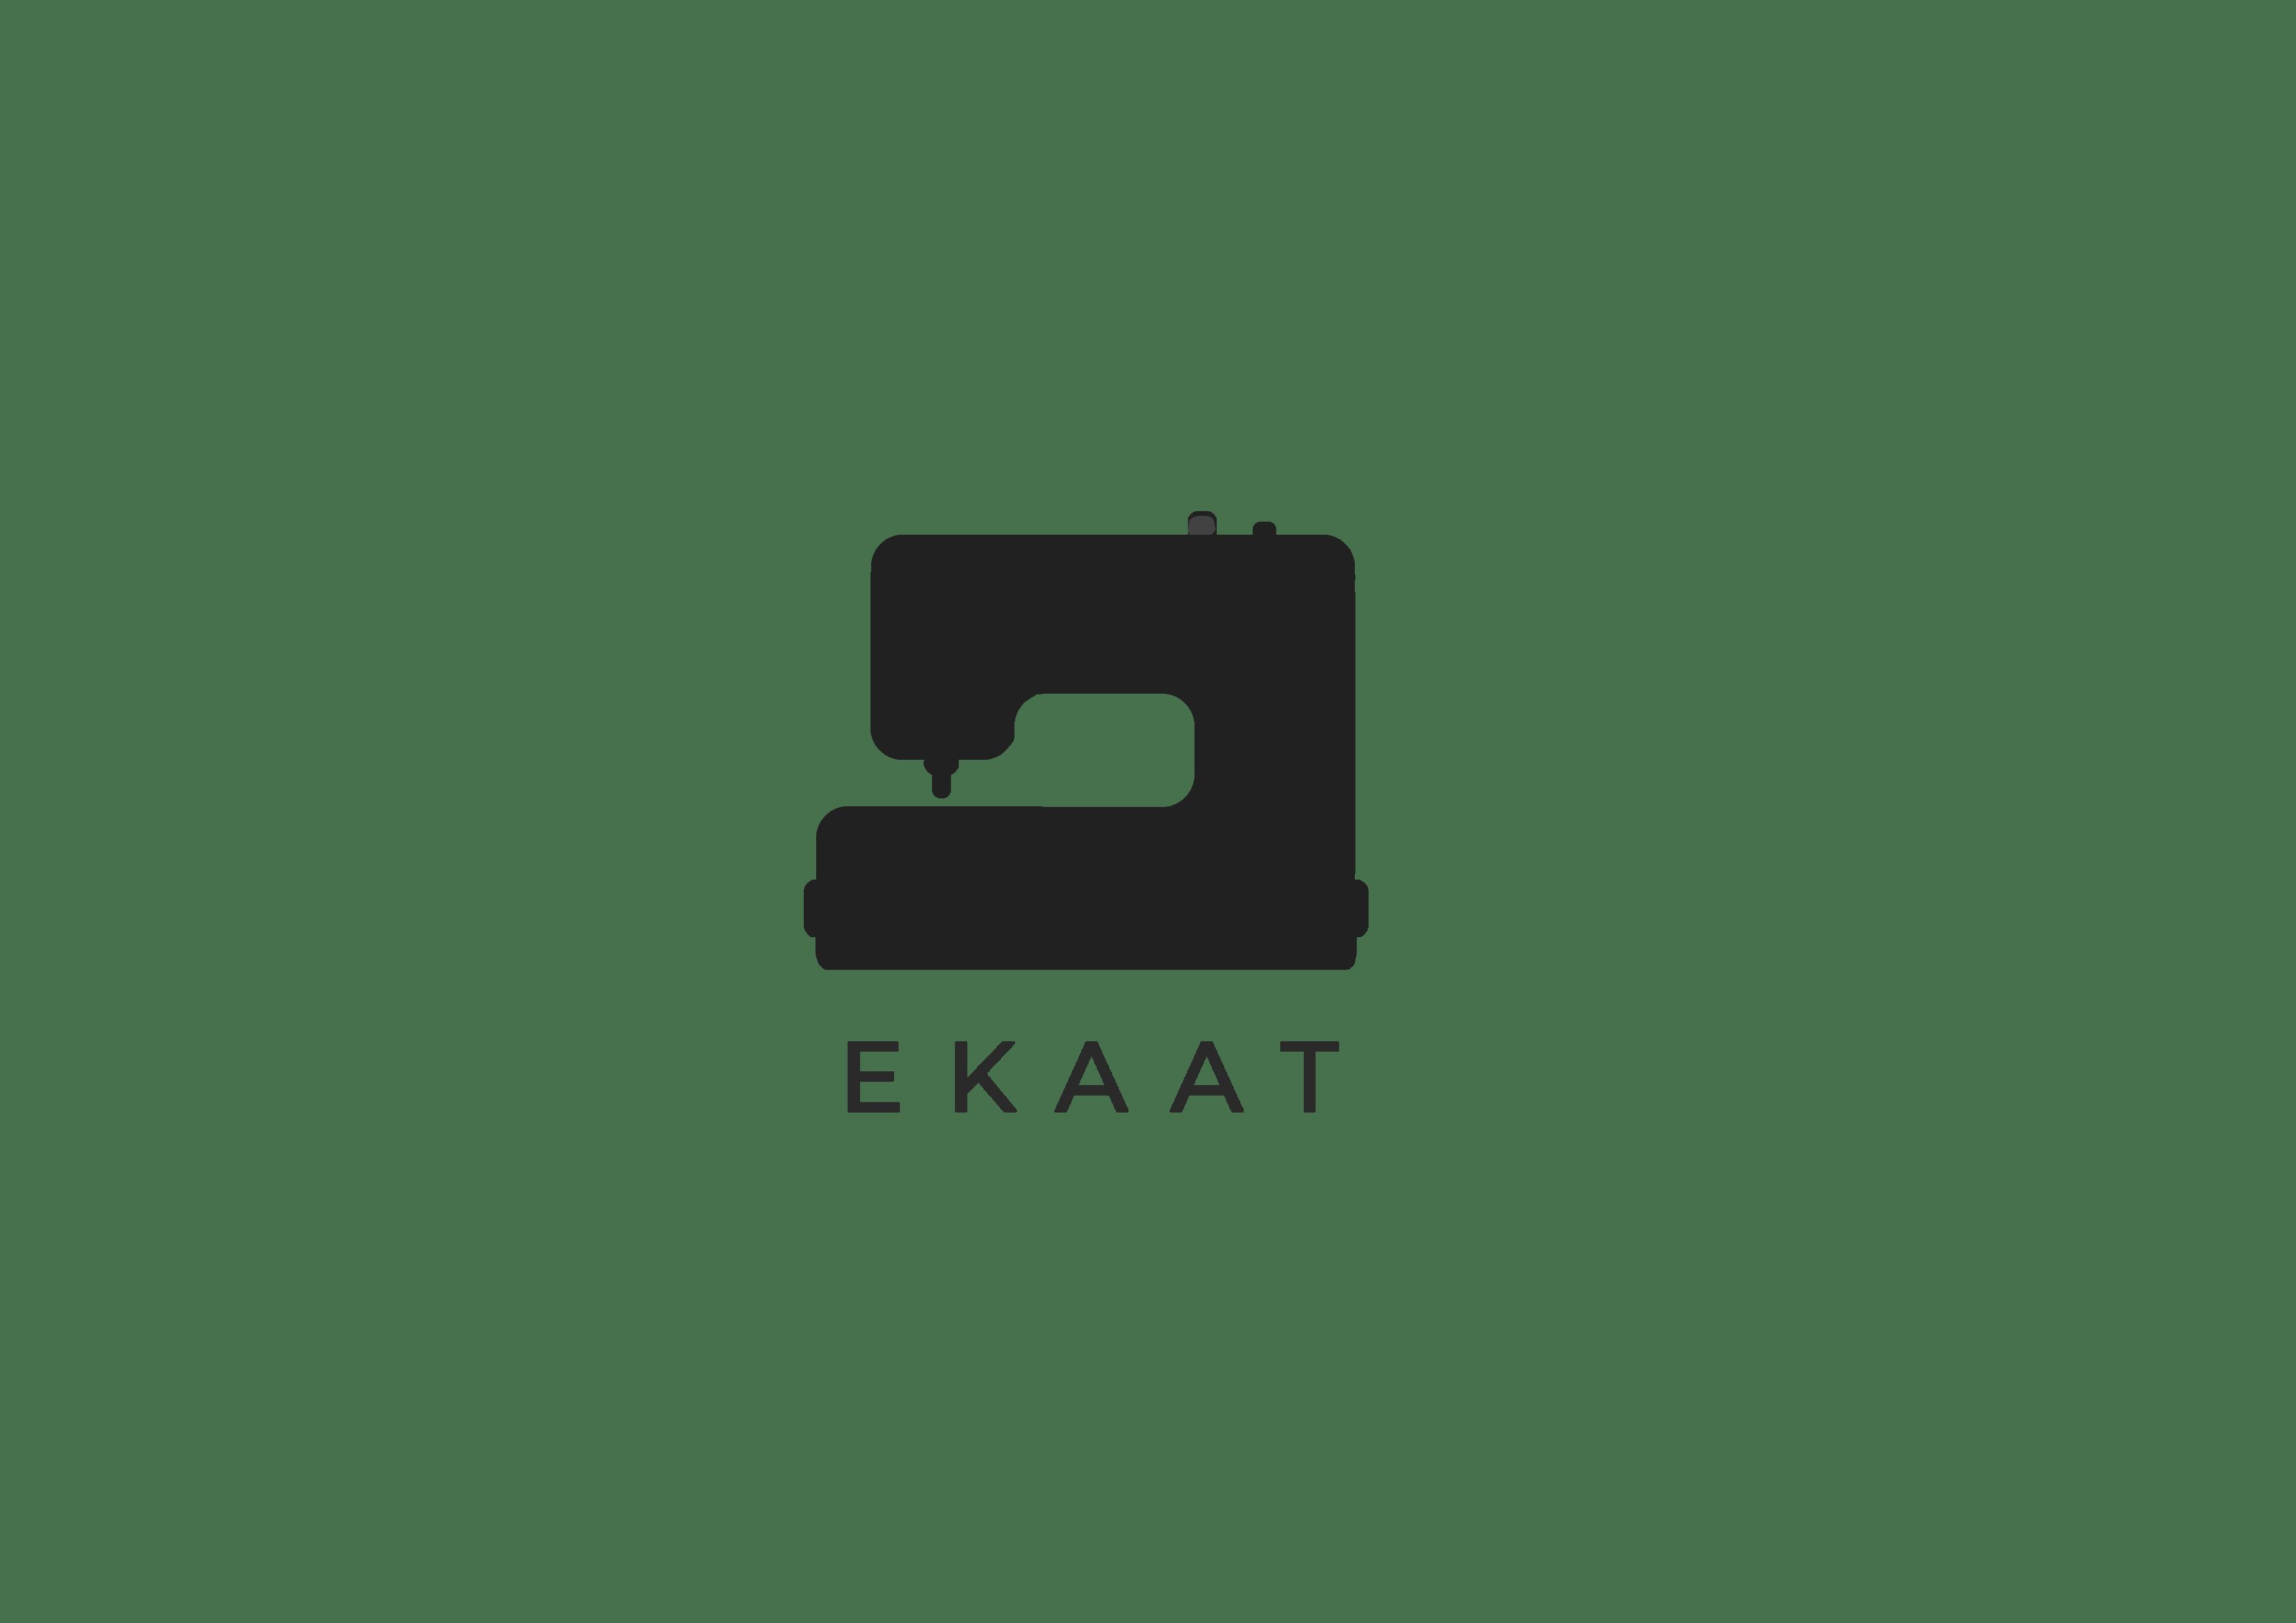 merchant image Ekaat